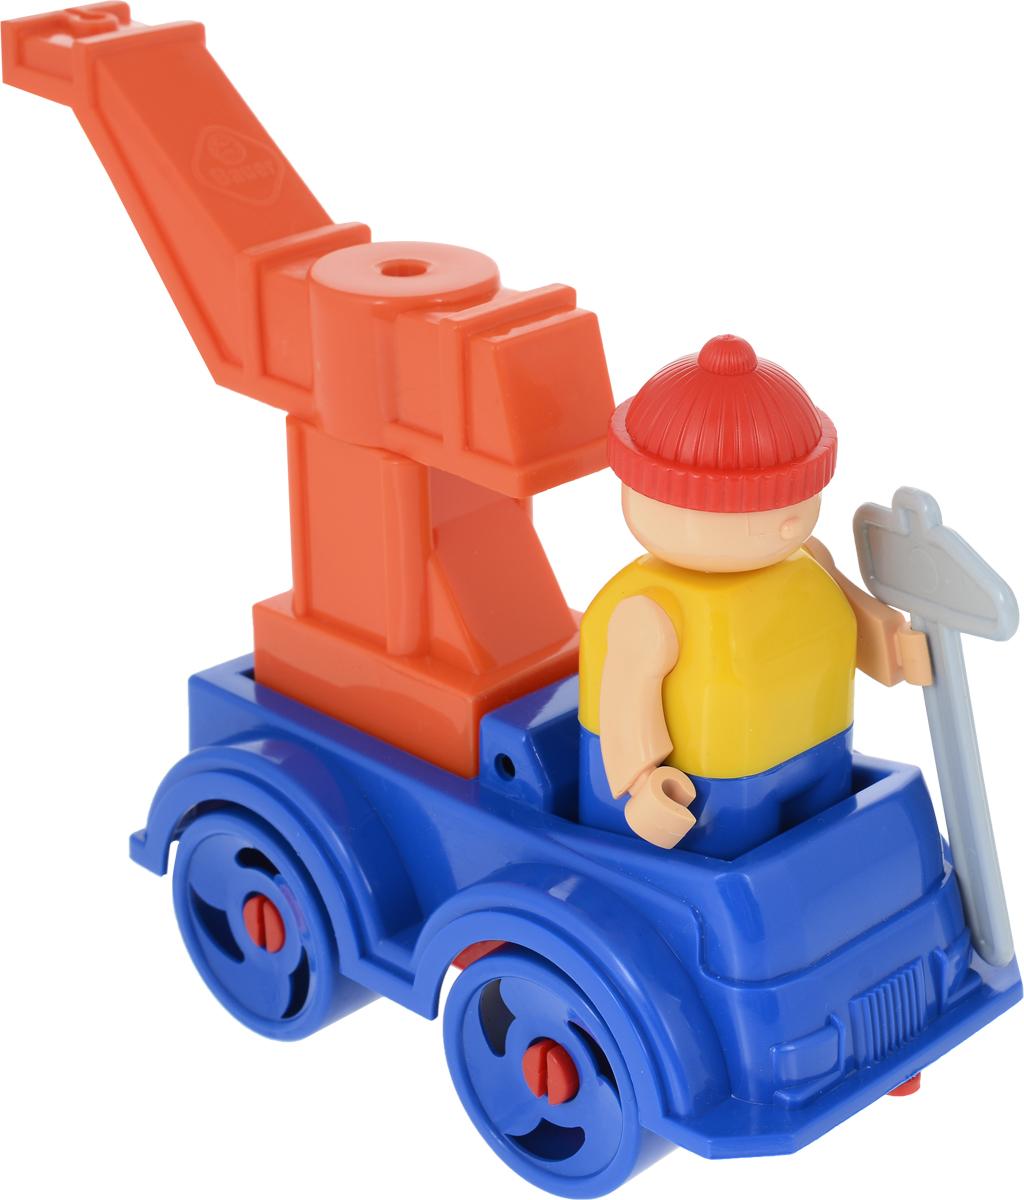 Bauer Конструктор Рабочая техника Машина с краном цвет синий оранжевый